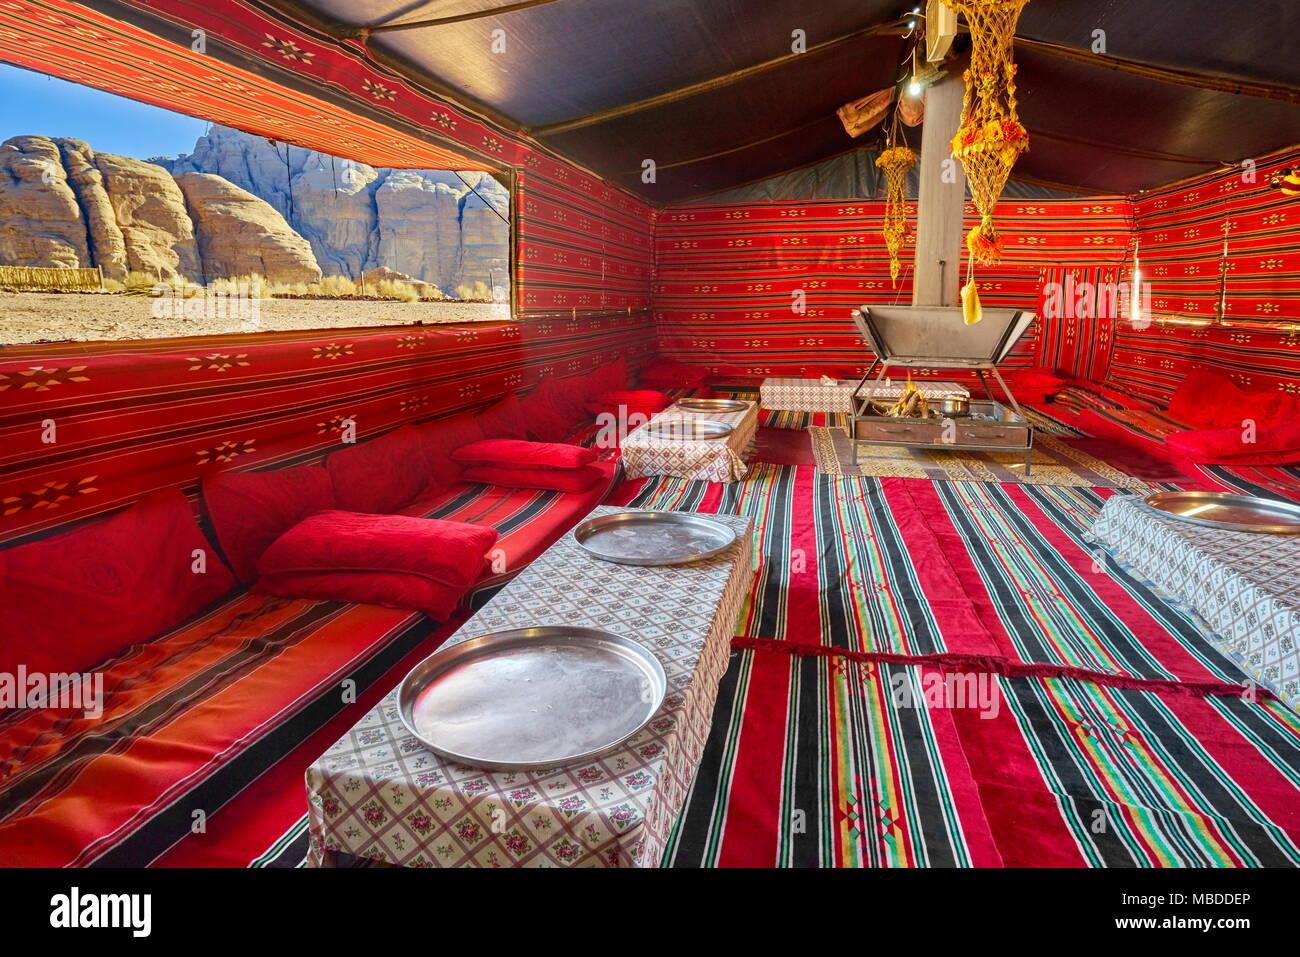 Intérieur du camp de tentes bédouines traditionnelles, le Wadi Rum, Jordanie Photo Stock